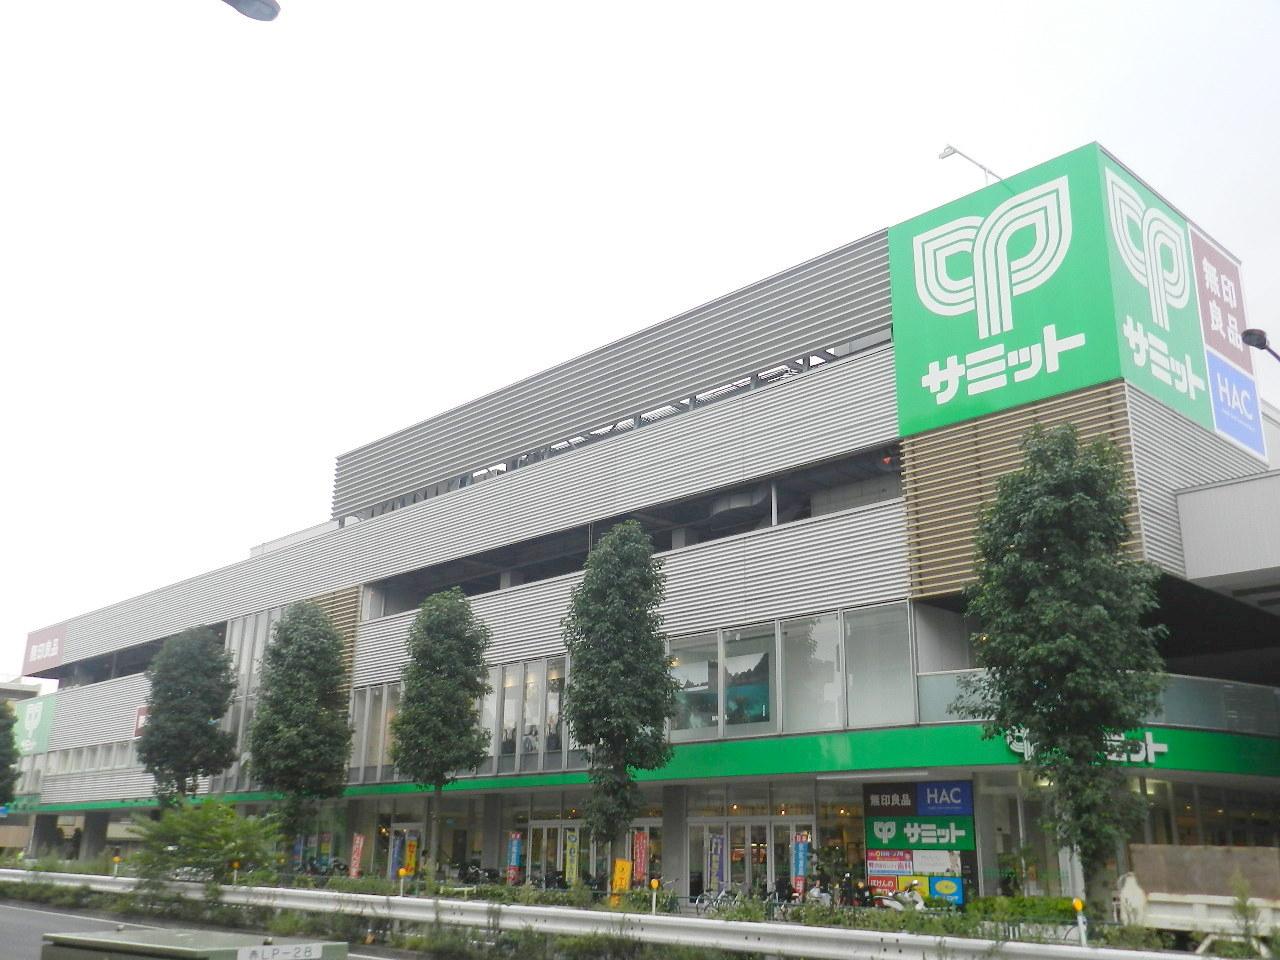 スーパー:サミットストア 砧環八通り店 453m